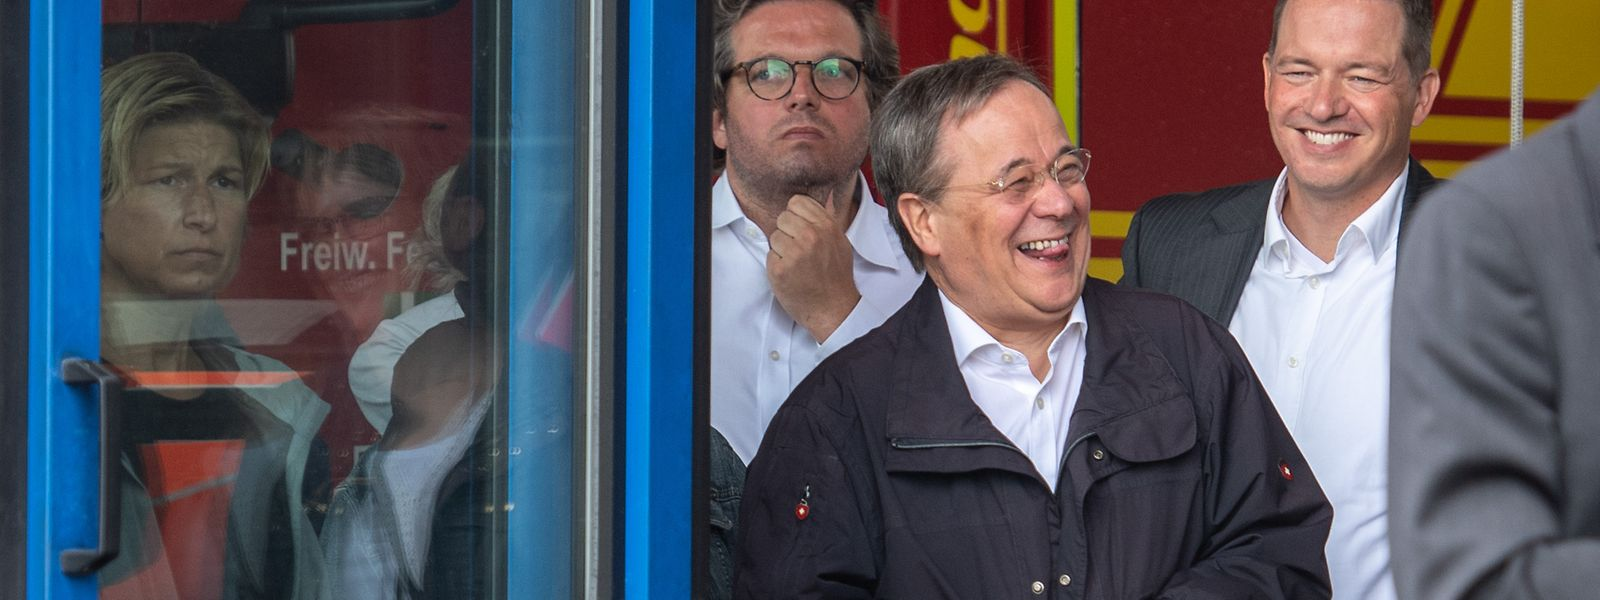 Armin Laschet (CDU), Ministerpräsident von Nordrhein-Westfalen, war am Samstag etwas zu jovial gelaunt.